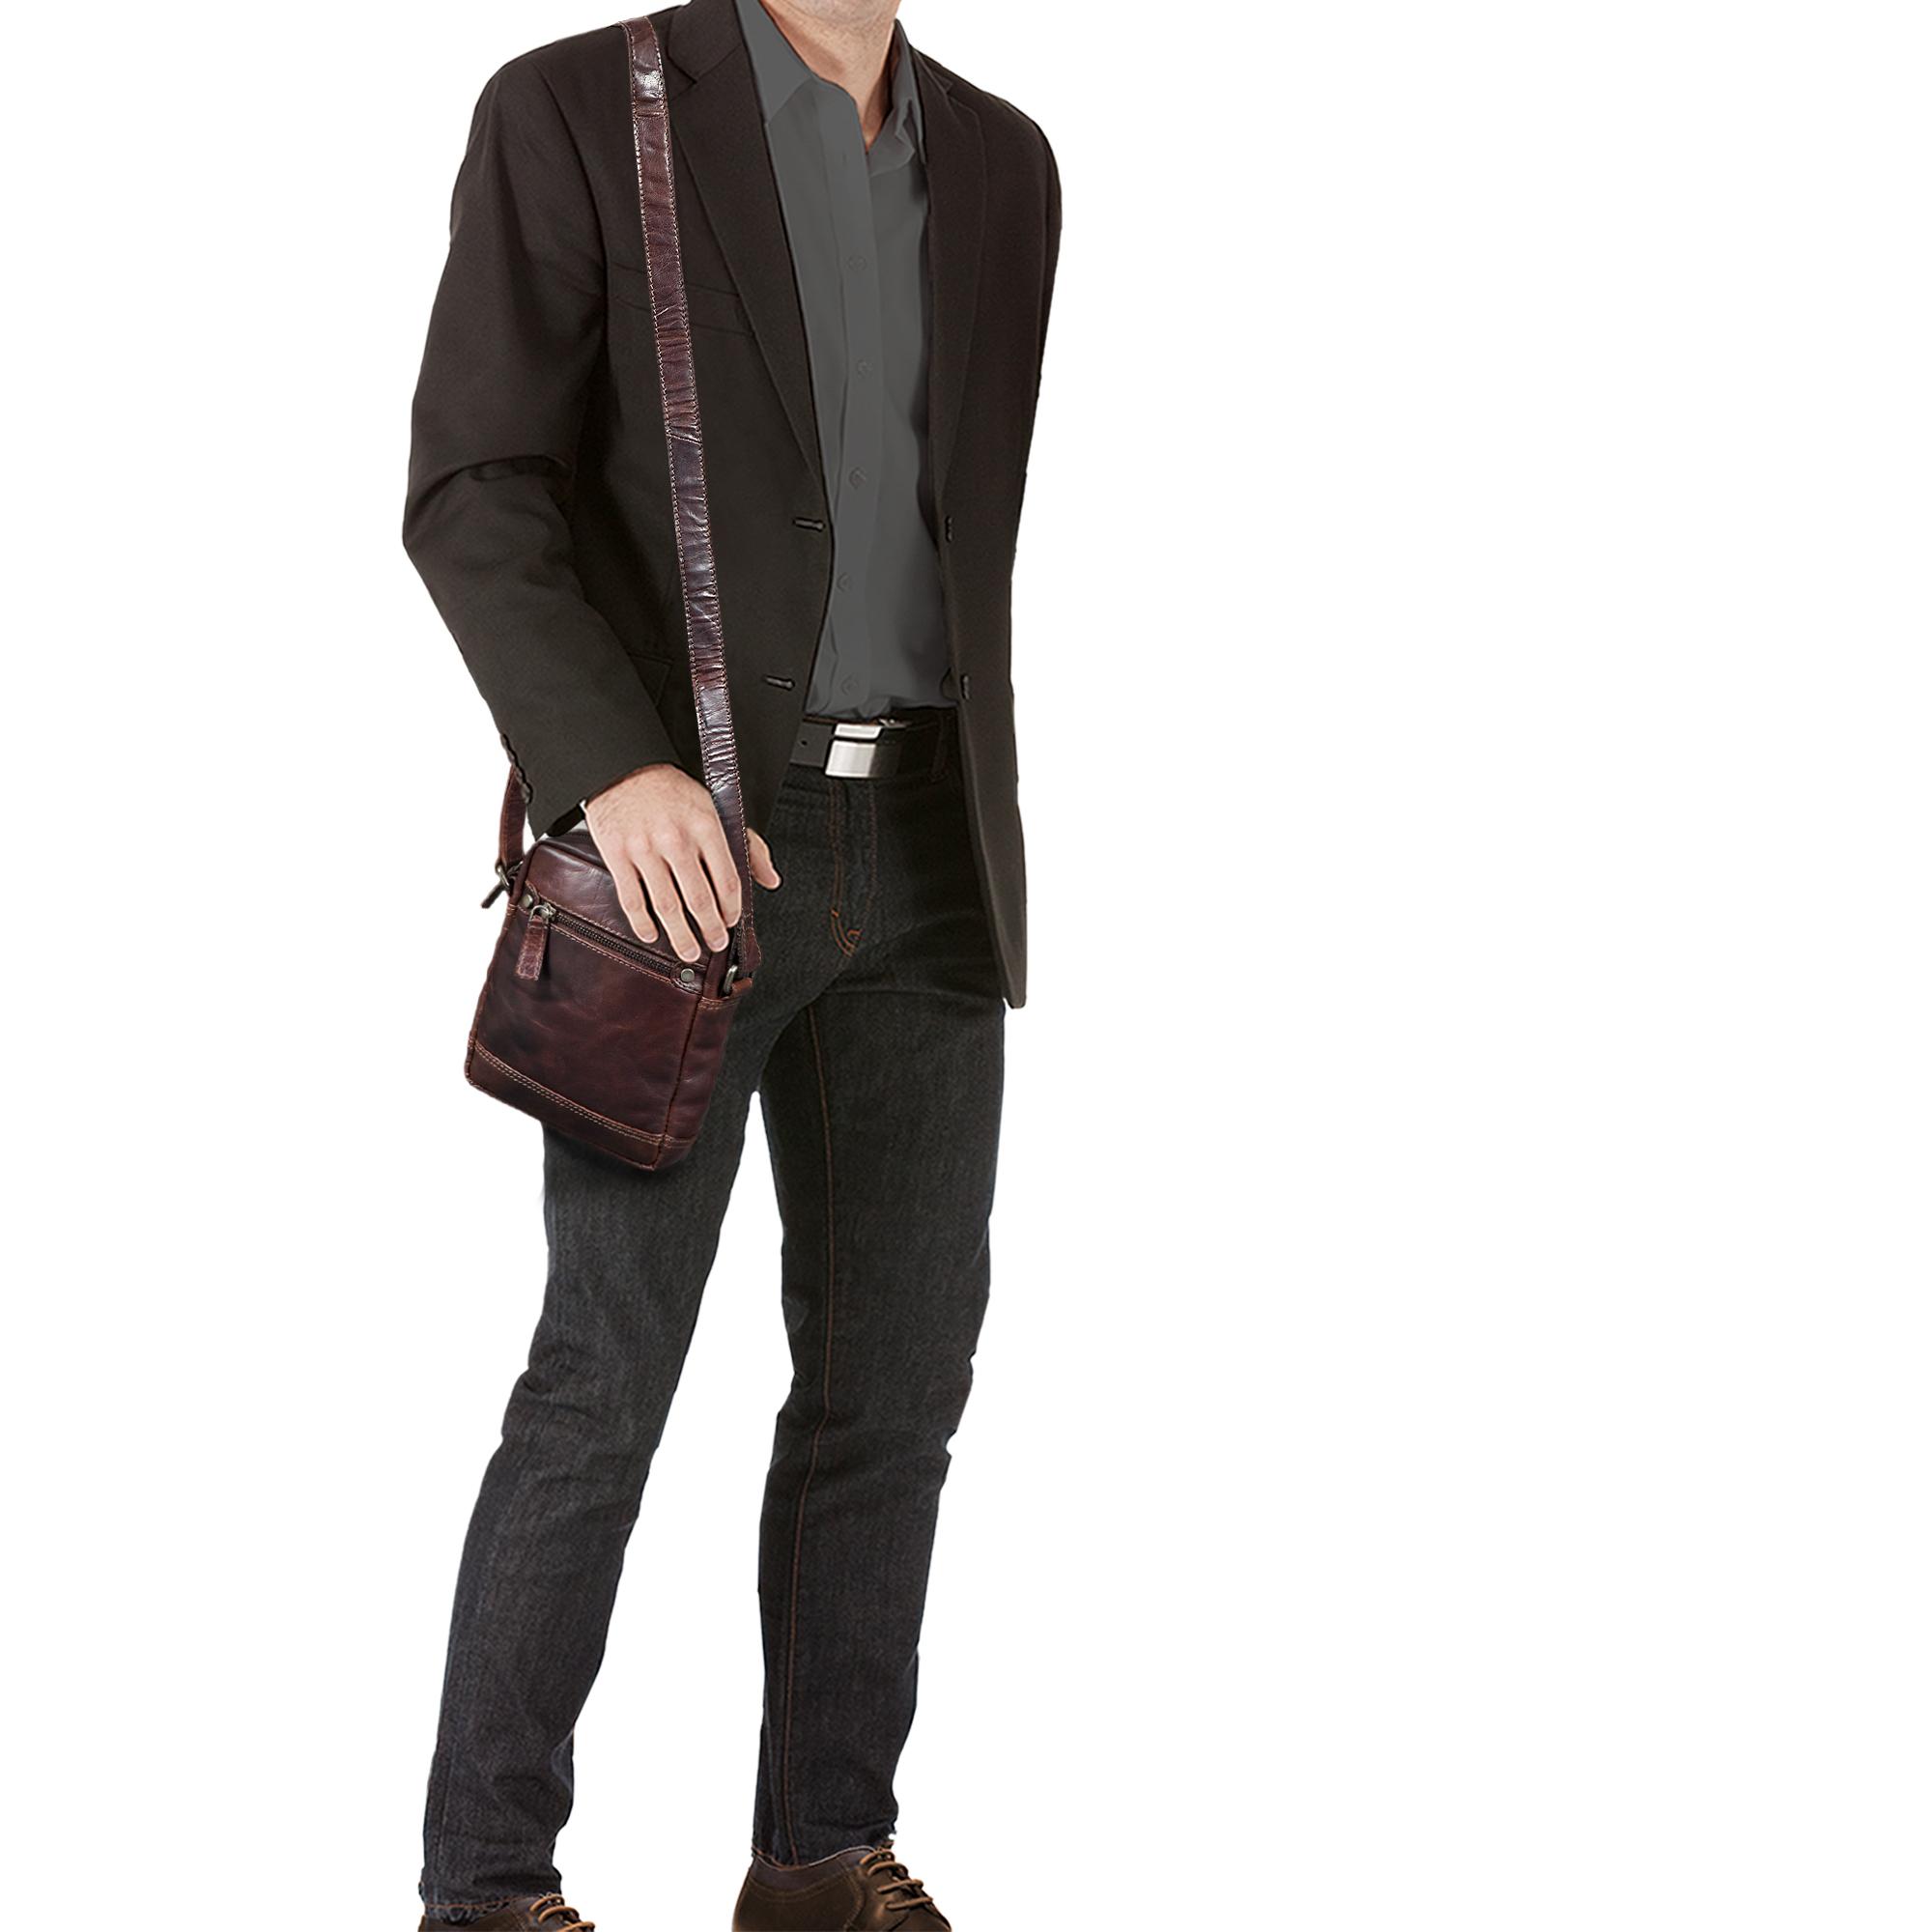 """STILORD """"Pepe"""" Vintage Schultertasche Herren Leder klein Umhängetasche für Männer kompakte Cross Body Bag mit Schultergurt und Reißverschluss aus echtem Leder - Bild 3"""